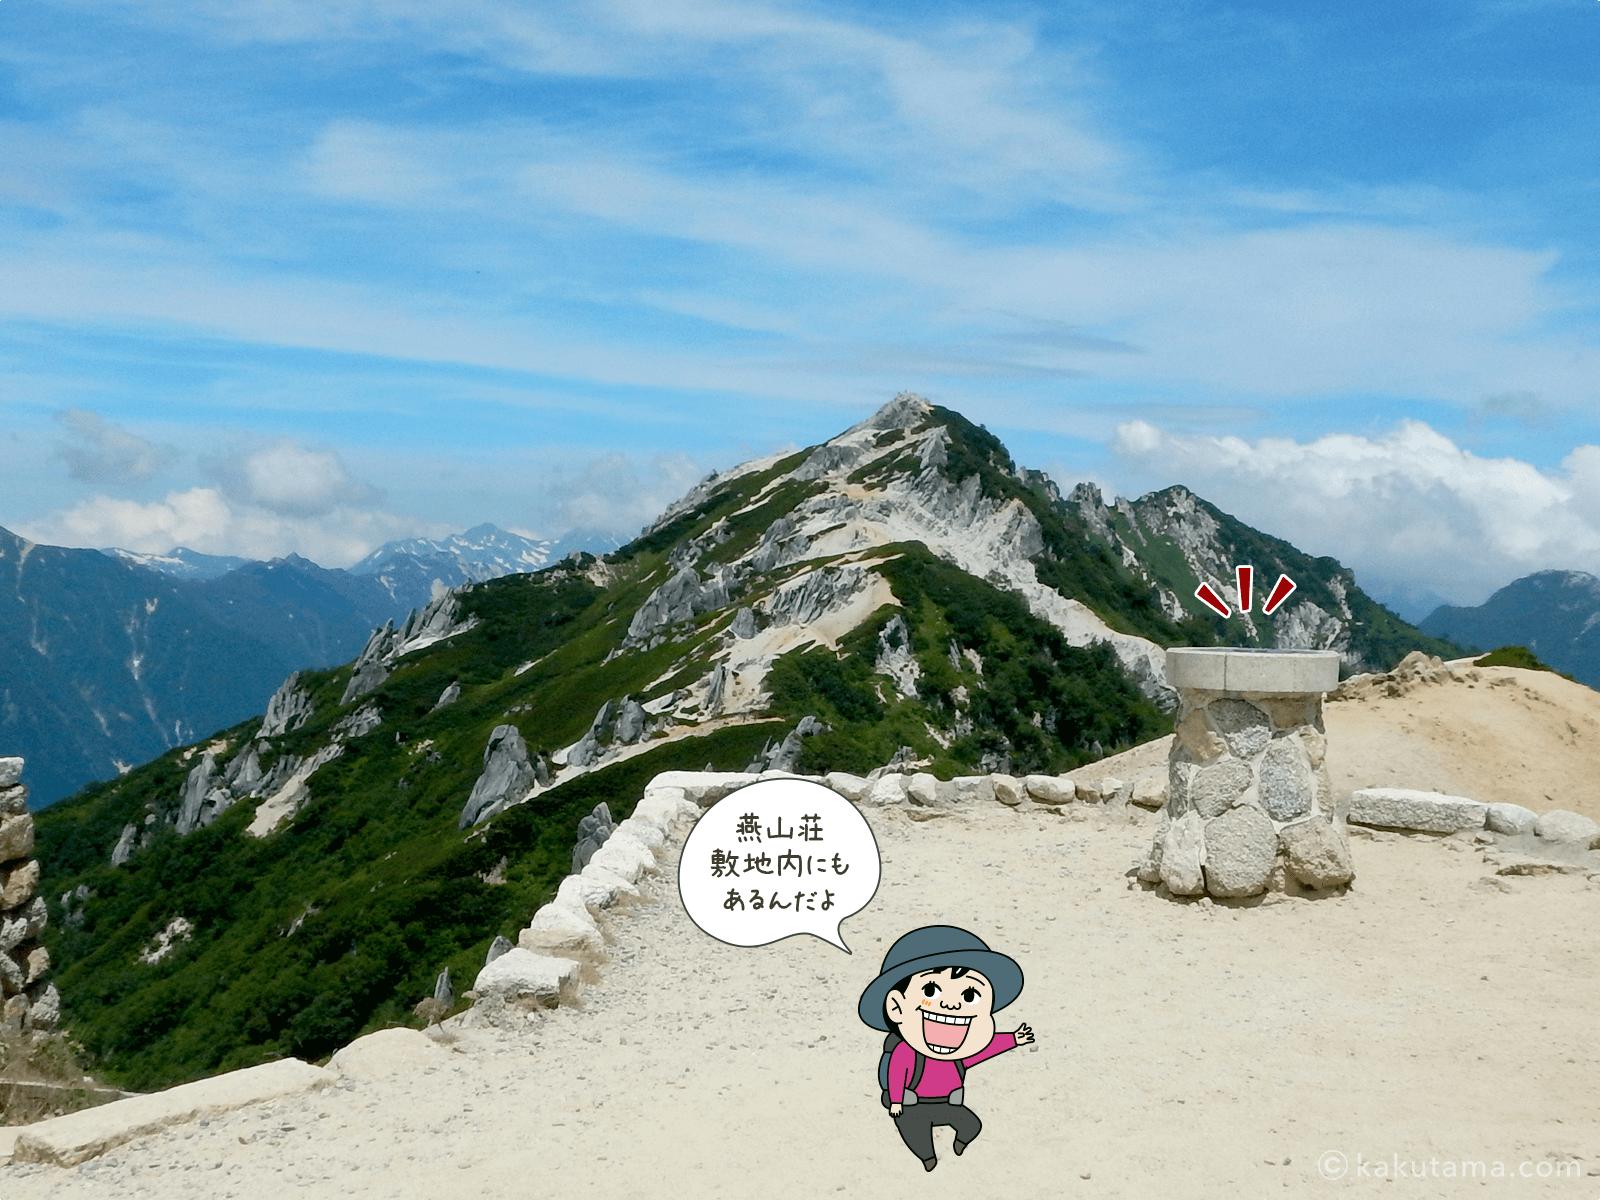 燕山荘の方位盤